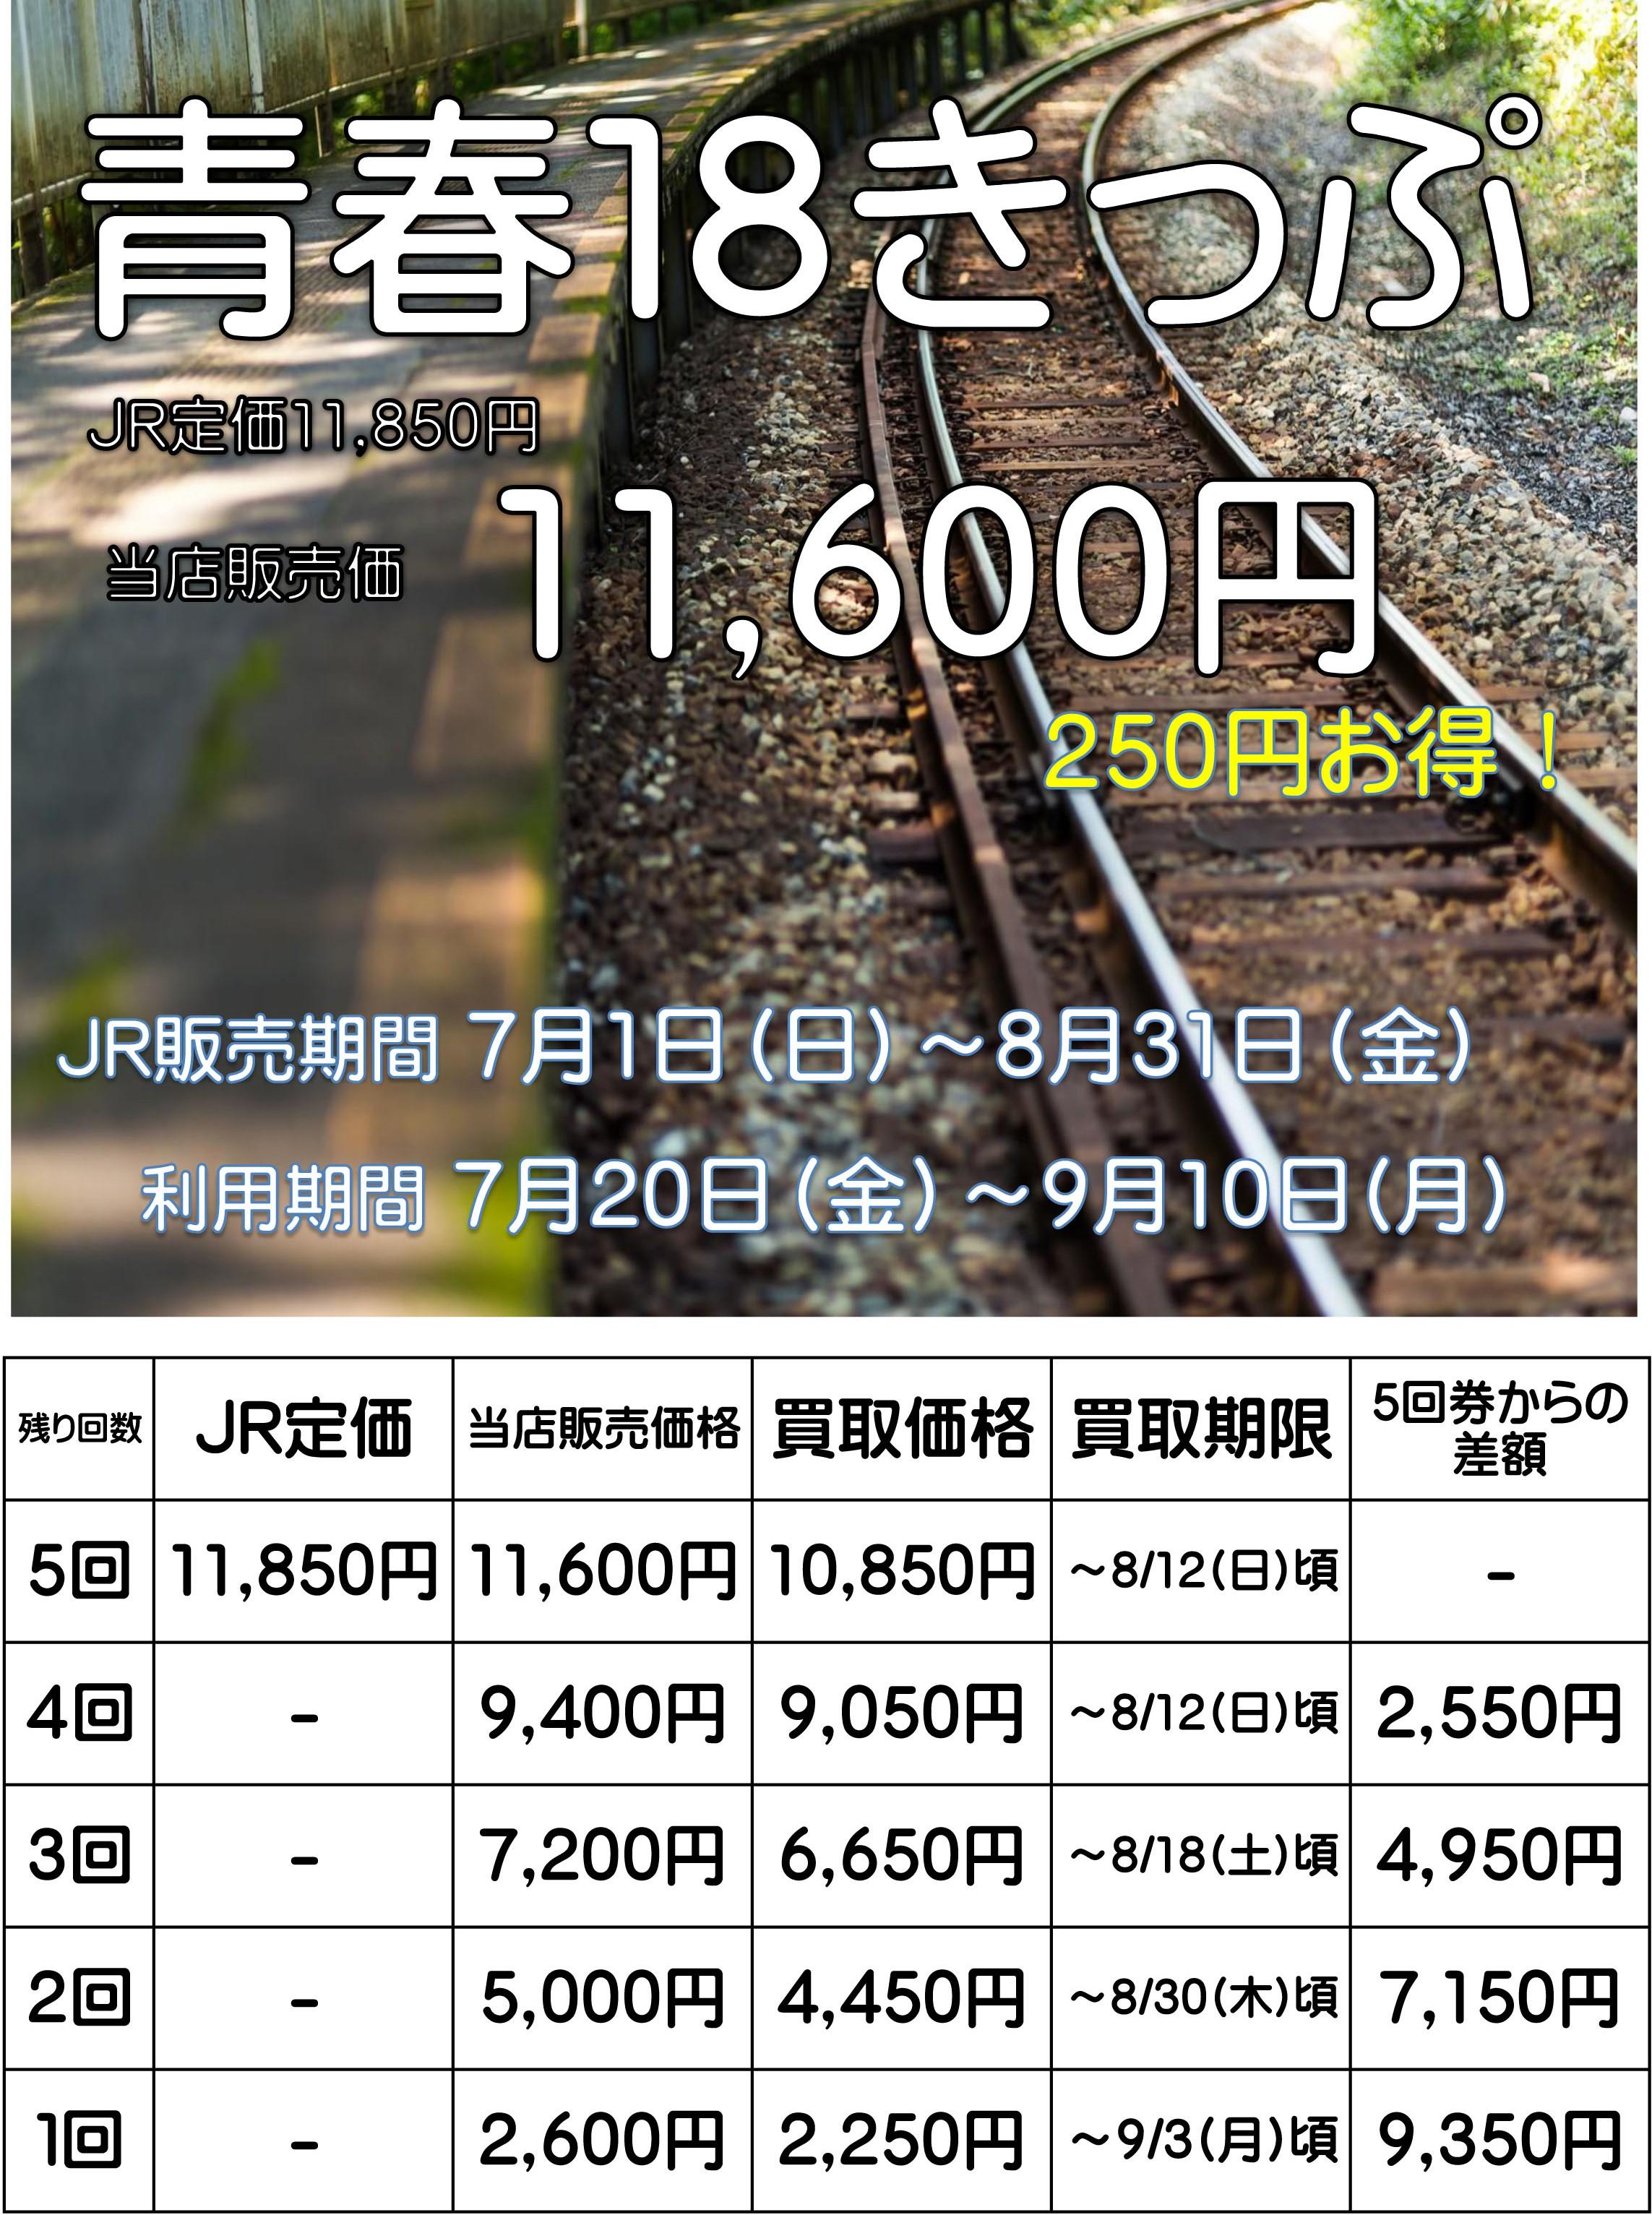 豊橋金券ショップフリーチケット|青春18きっぷ夏